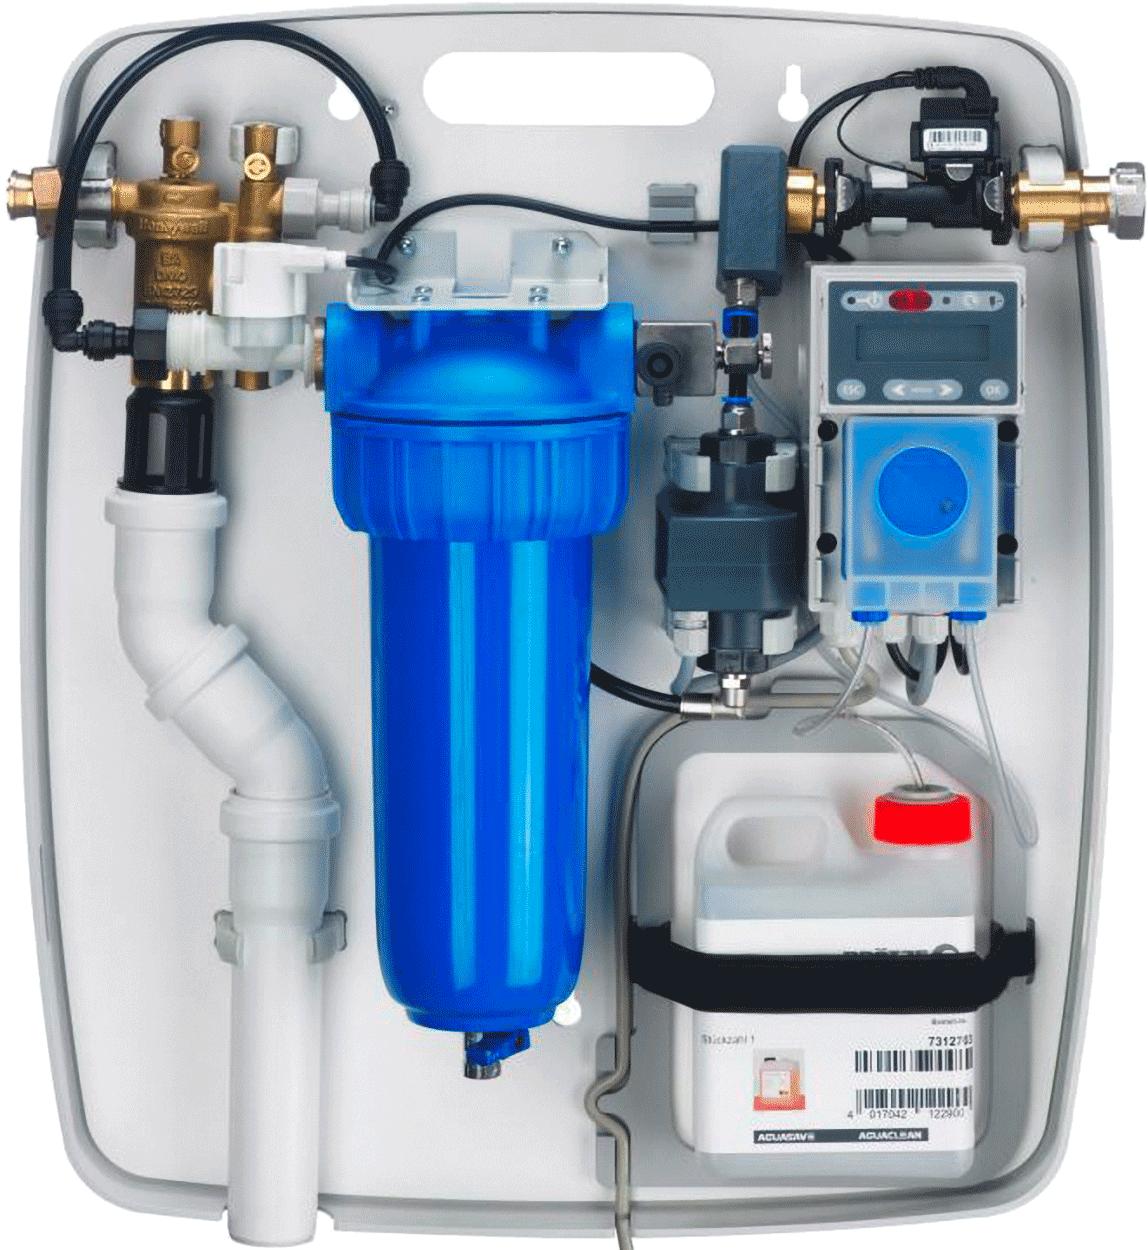 AguaSave Kompakt zur Heizungswasseraufbereitung